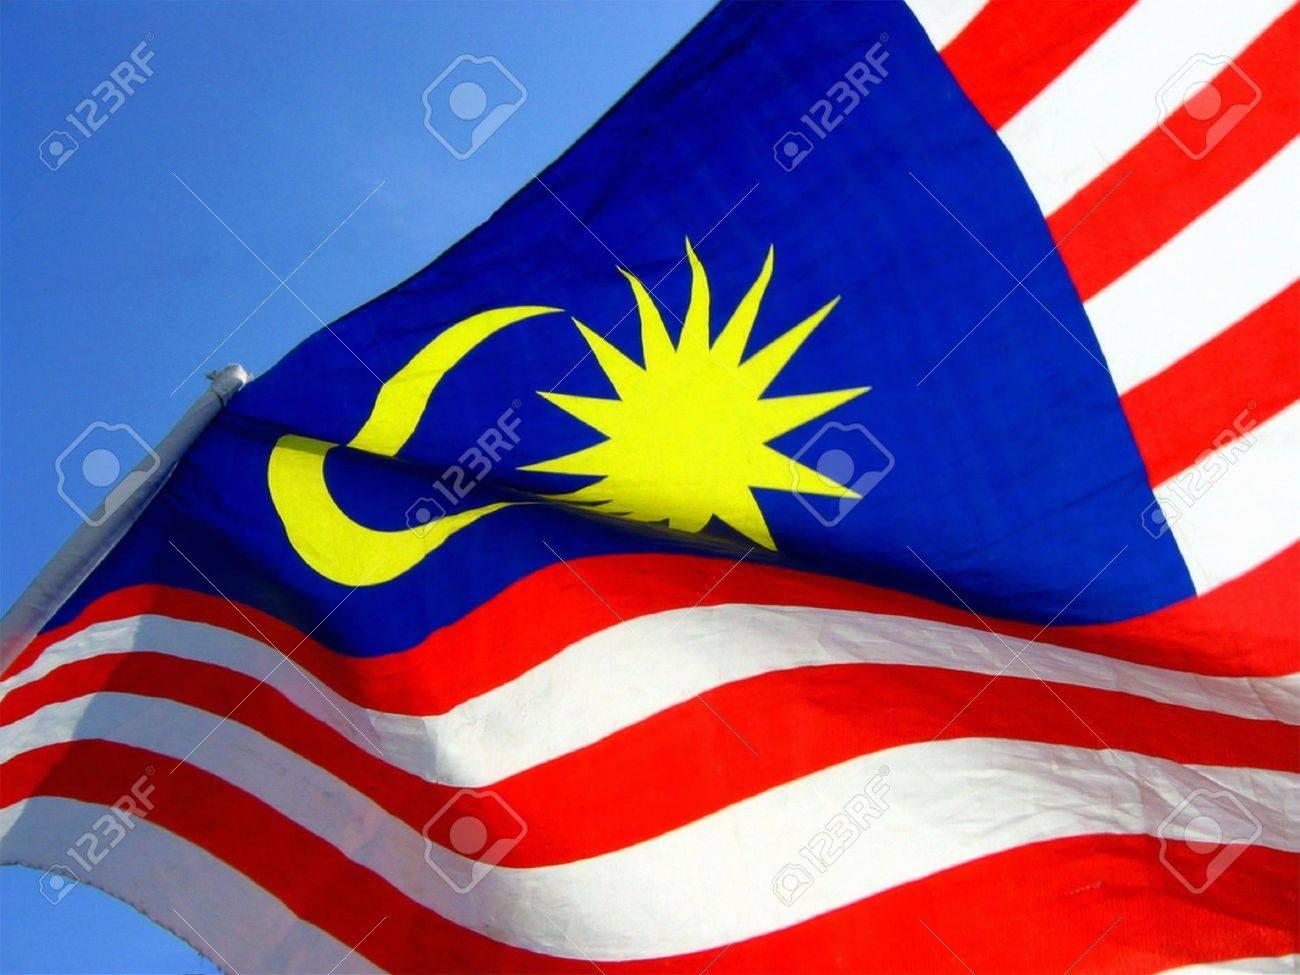 essay report 1murid 1 sukan 1 malaysia